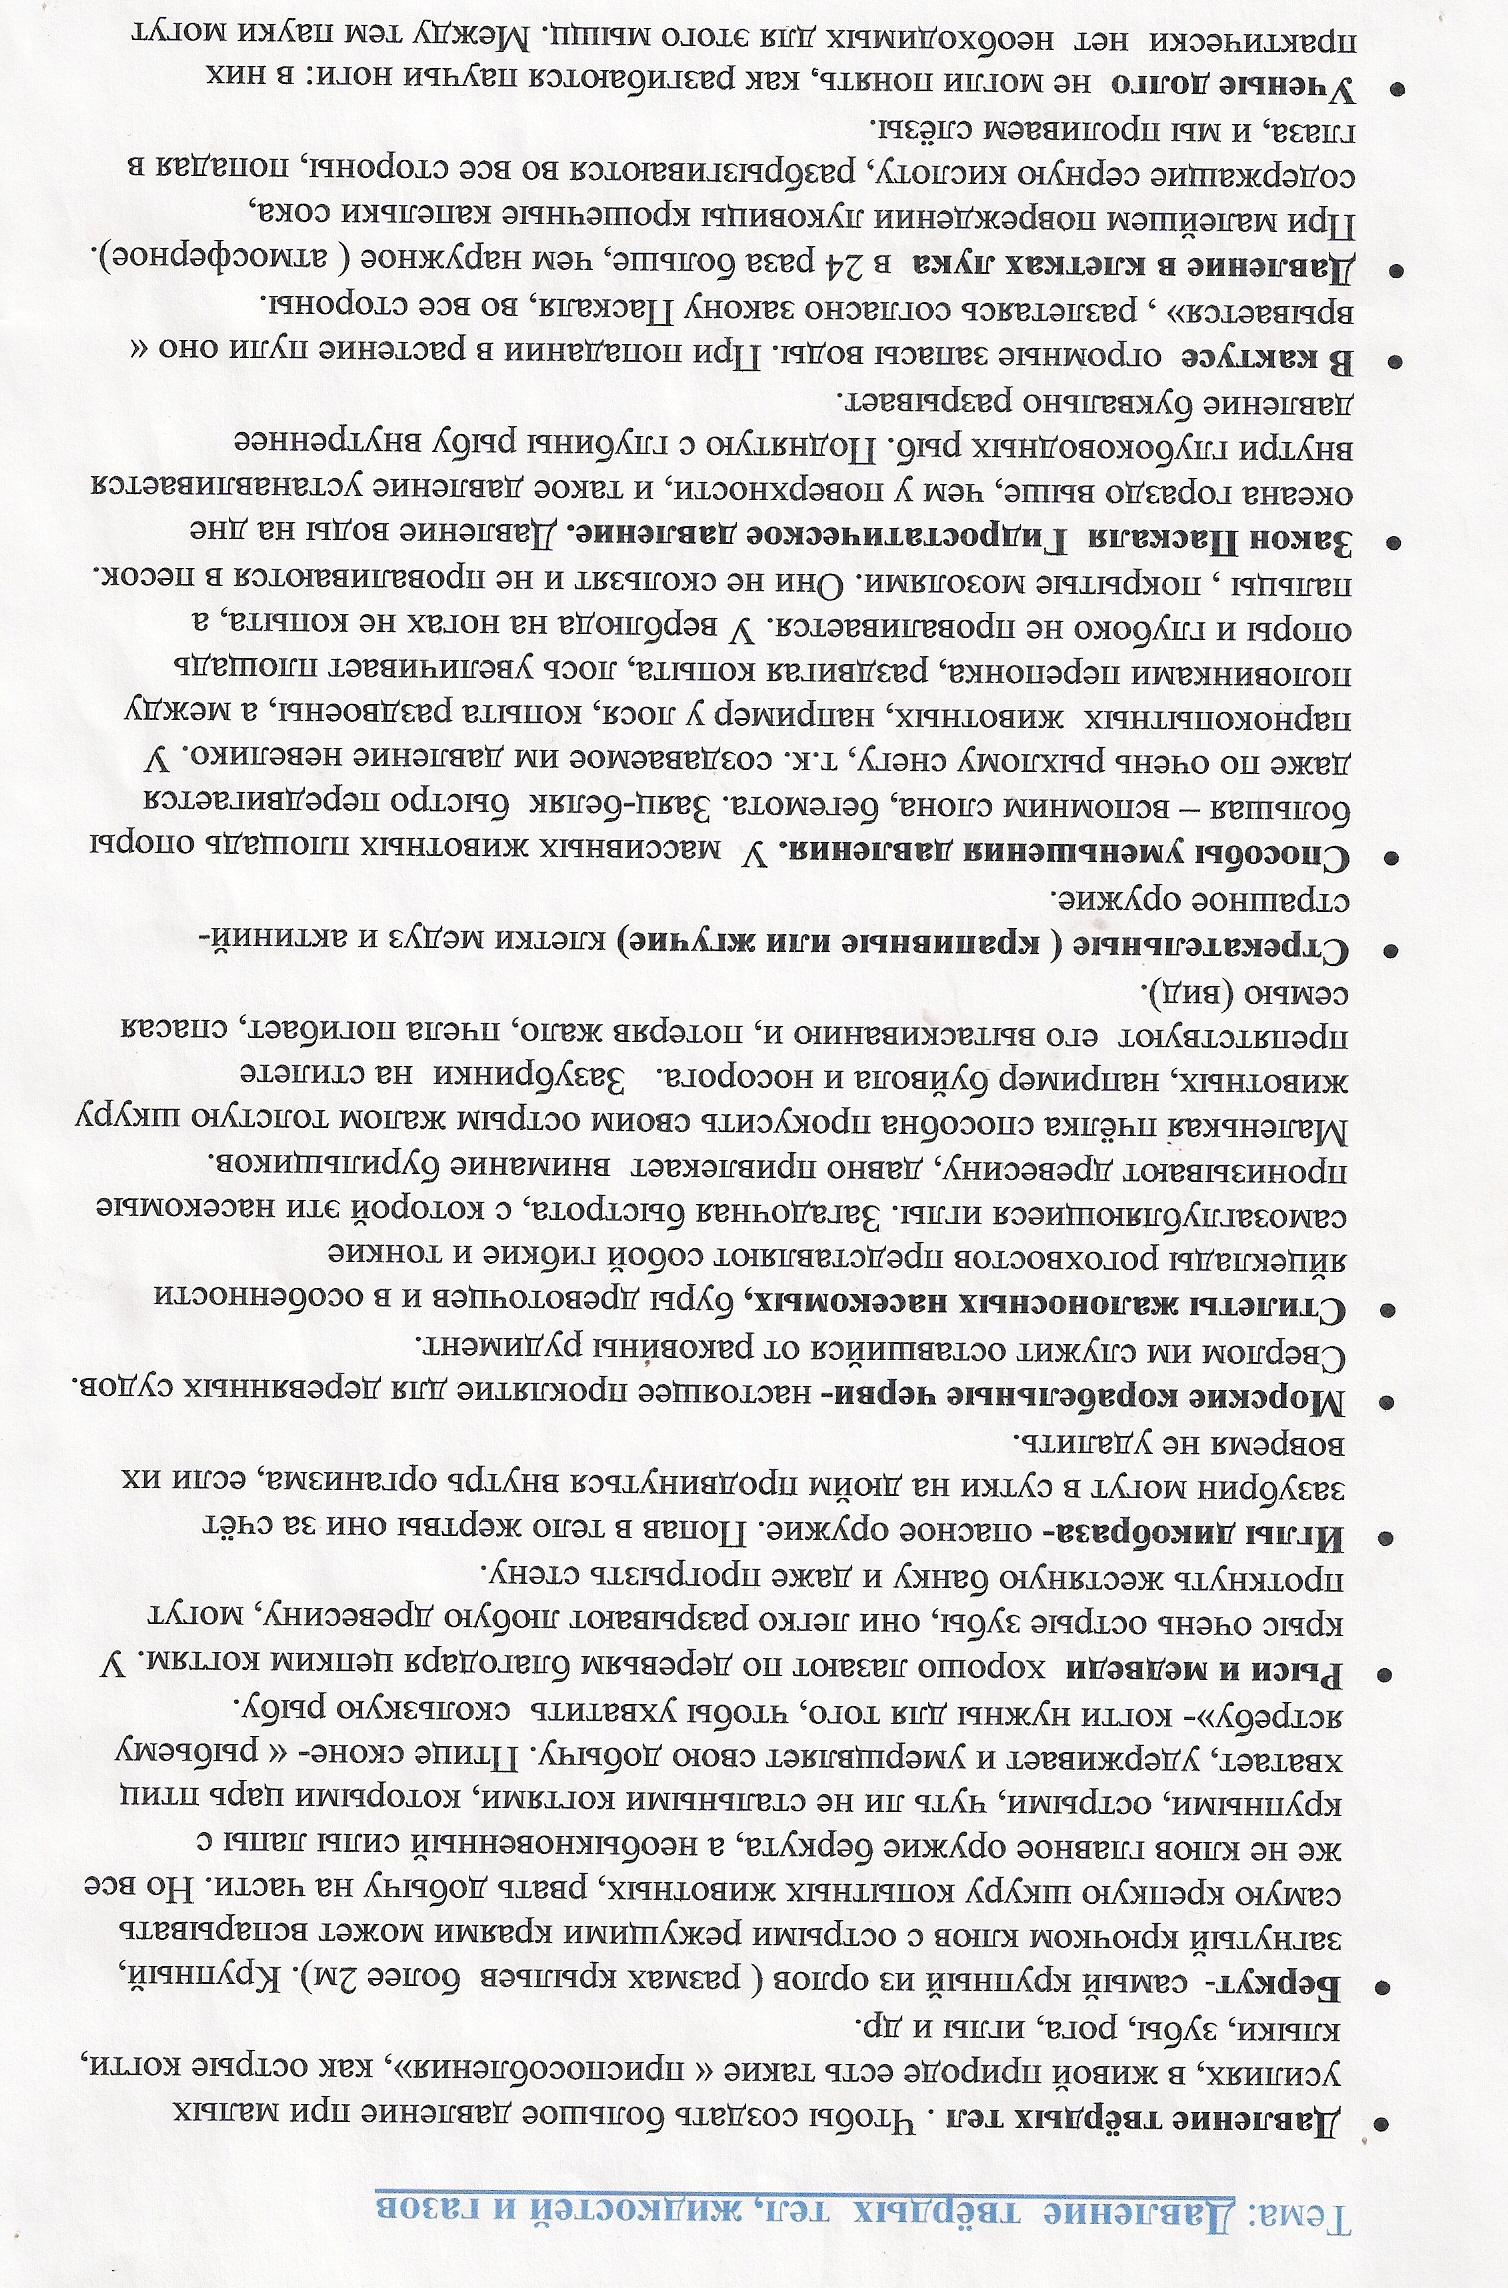 F:\ДЕЛАТЬ ПРОЕКТ\2012-03 (мар)\сканирование0030.jpg